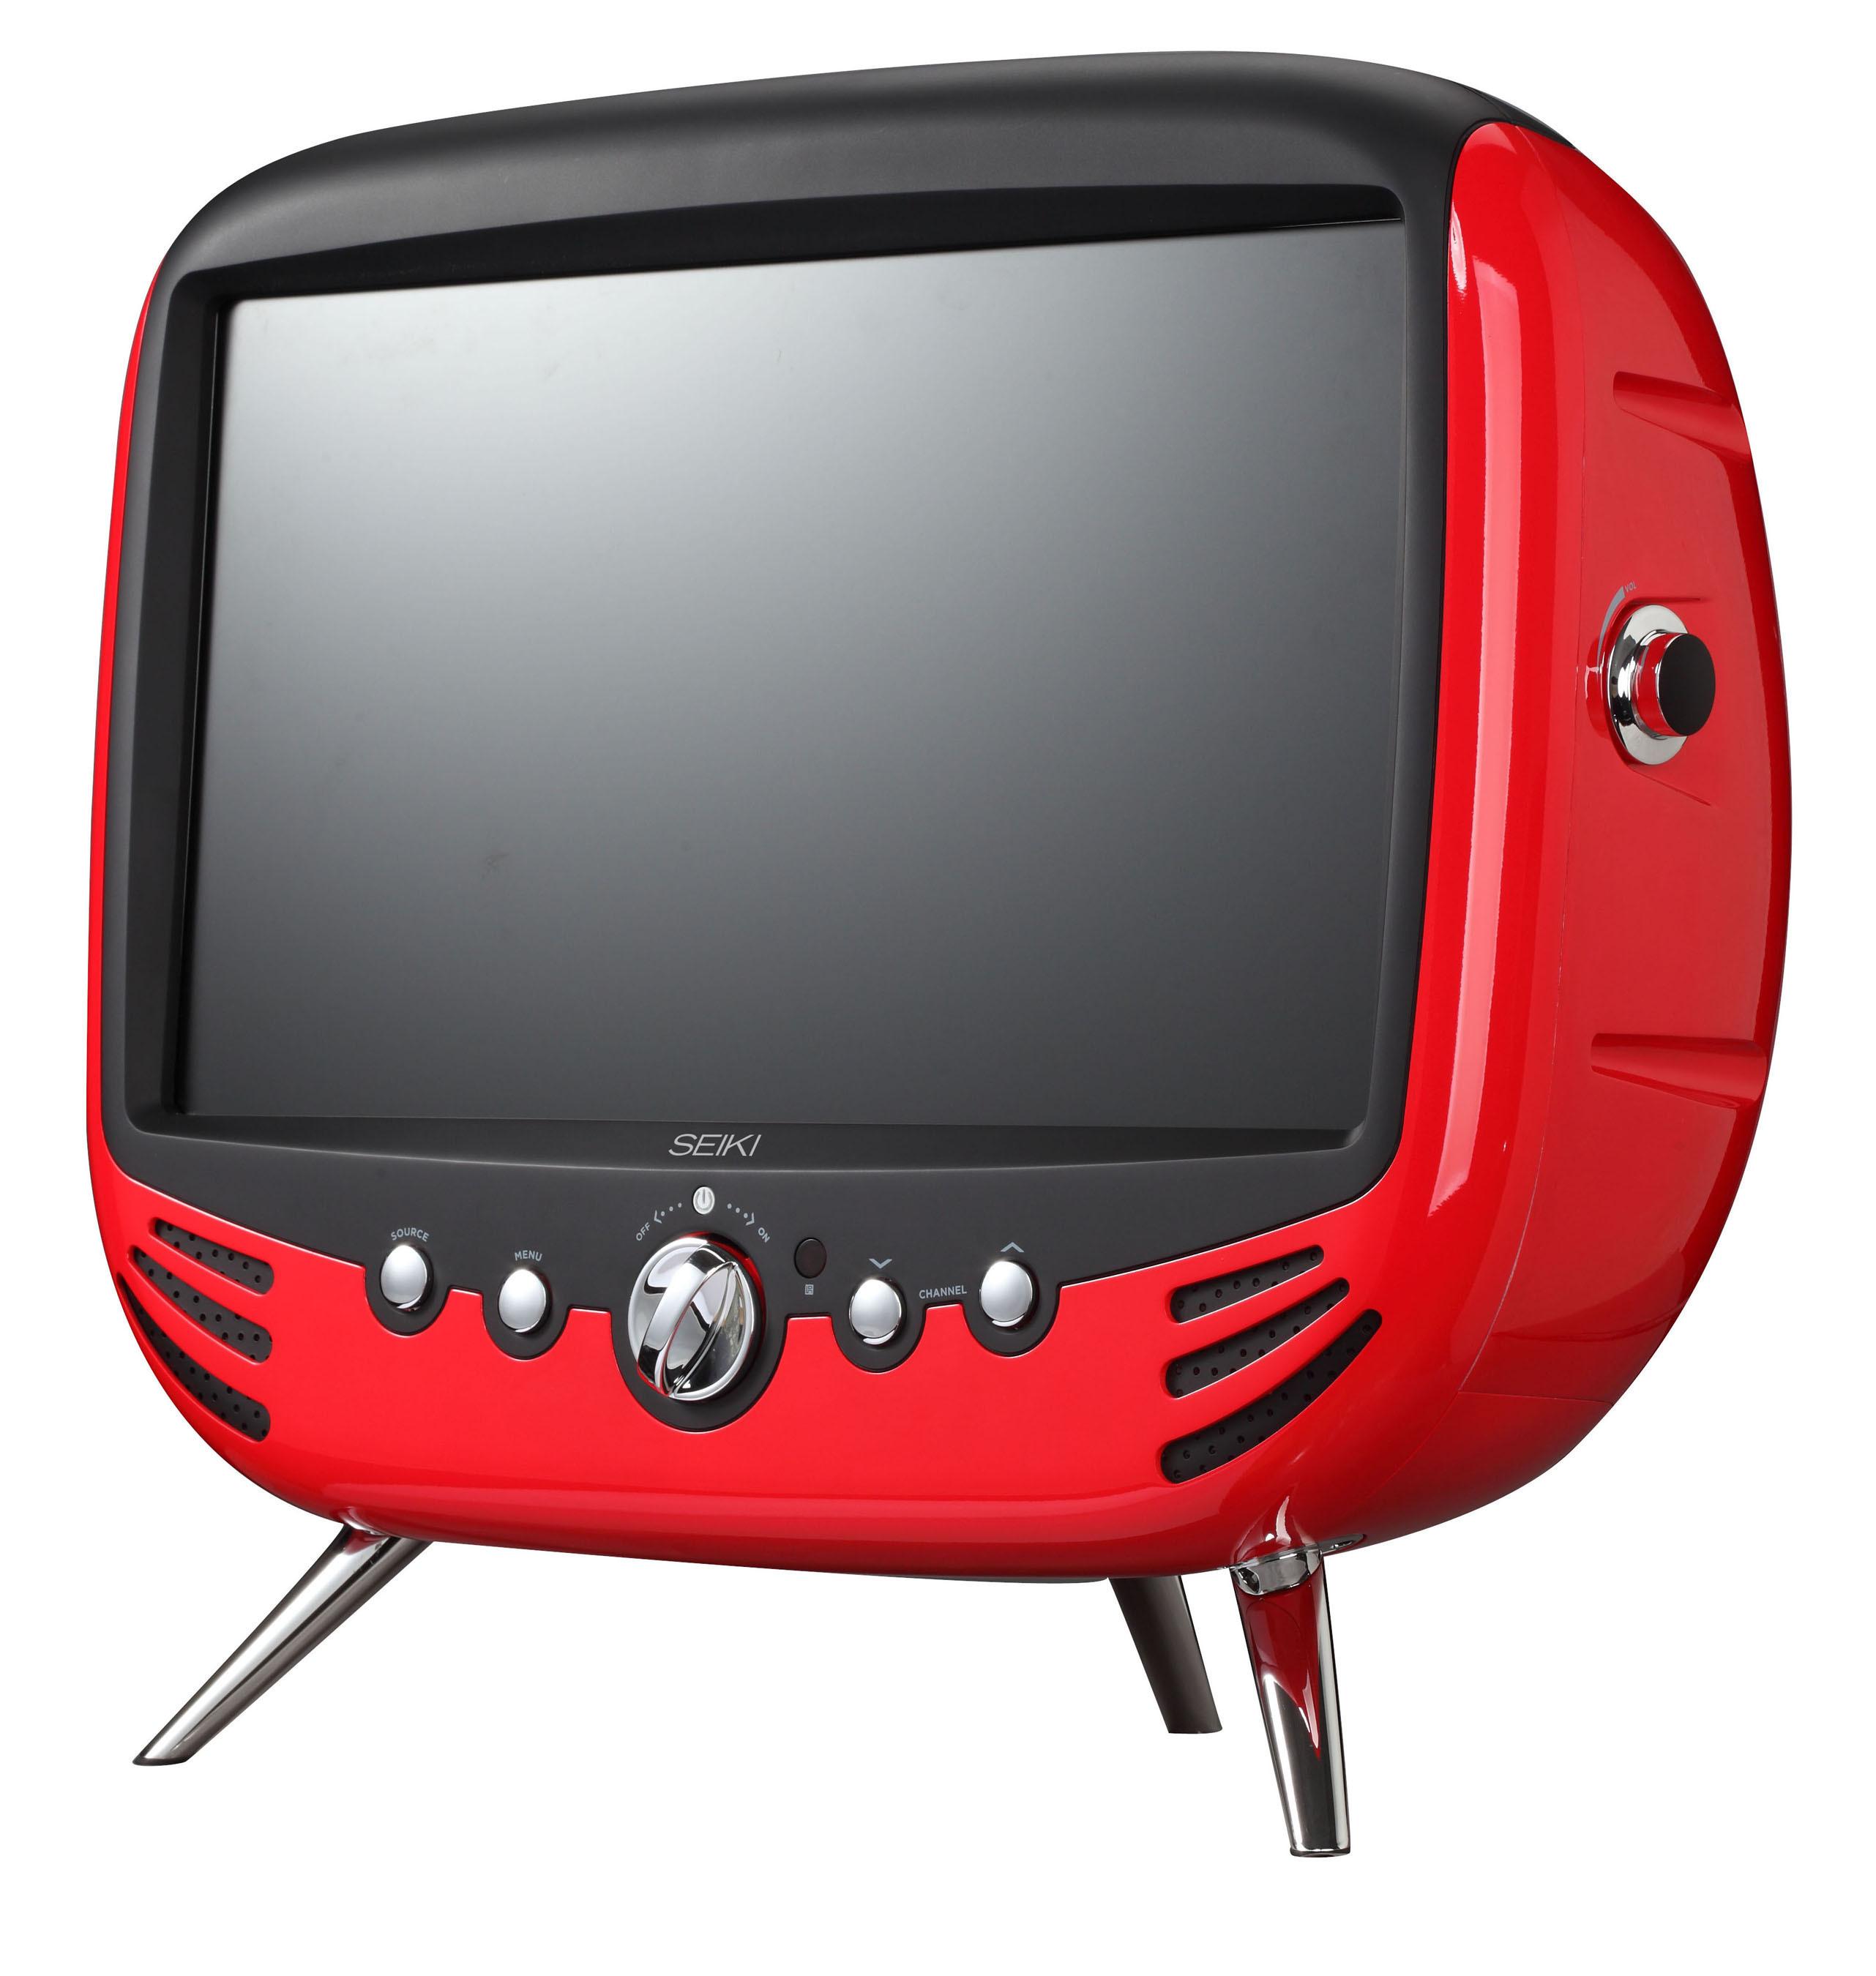 SEIKI Retro Design HDTV in Retro Red. New colorful TV concept offers unique combination of retro looks and Full HD experience. (PRNewsFoto/SEIKI Digital, Inc.) (PRNewsFoto/SEIKI DIGITAL, INC.)